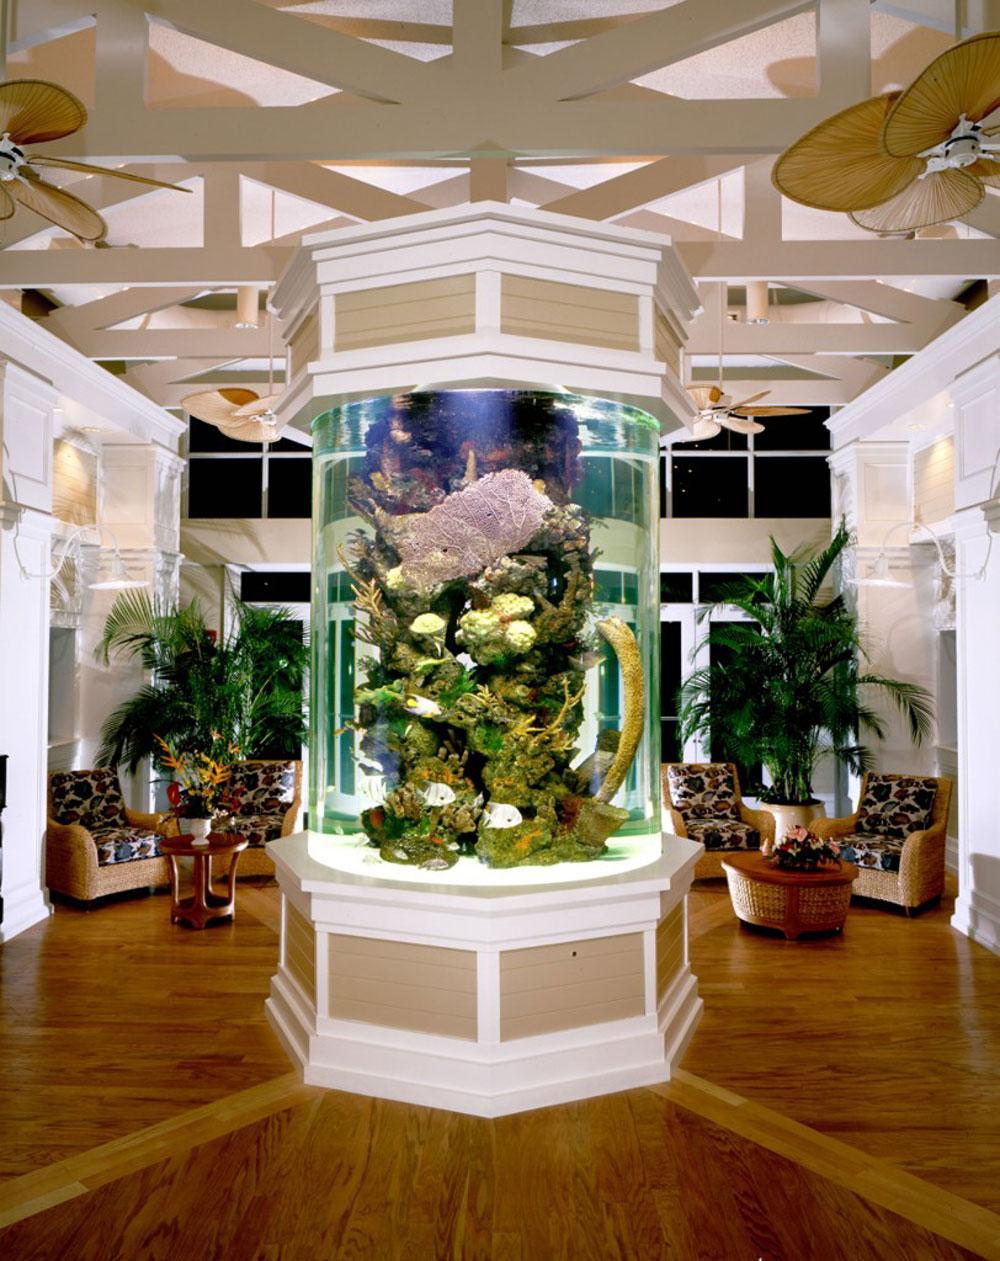 Ändra utseendet på ditt rum med denna akvarietank 3 Ändra utseendet på ditt rum med dessa akvarietankar